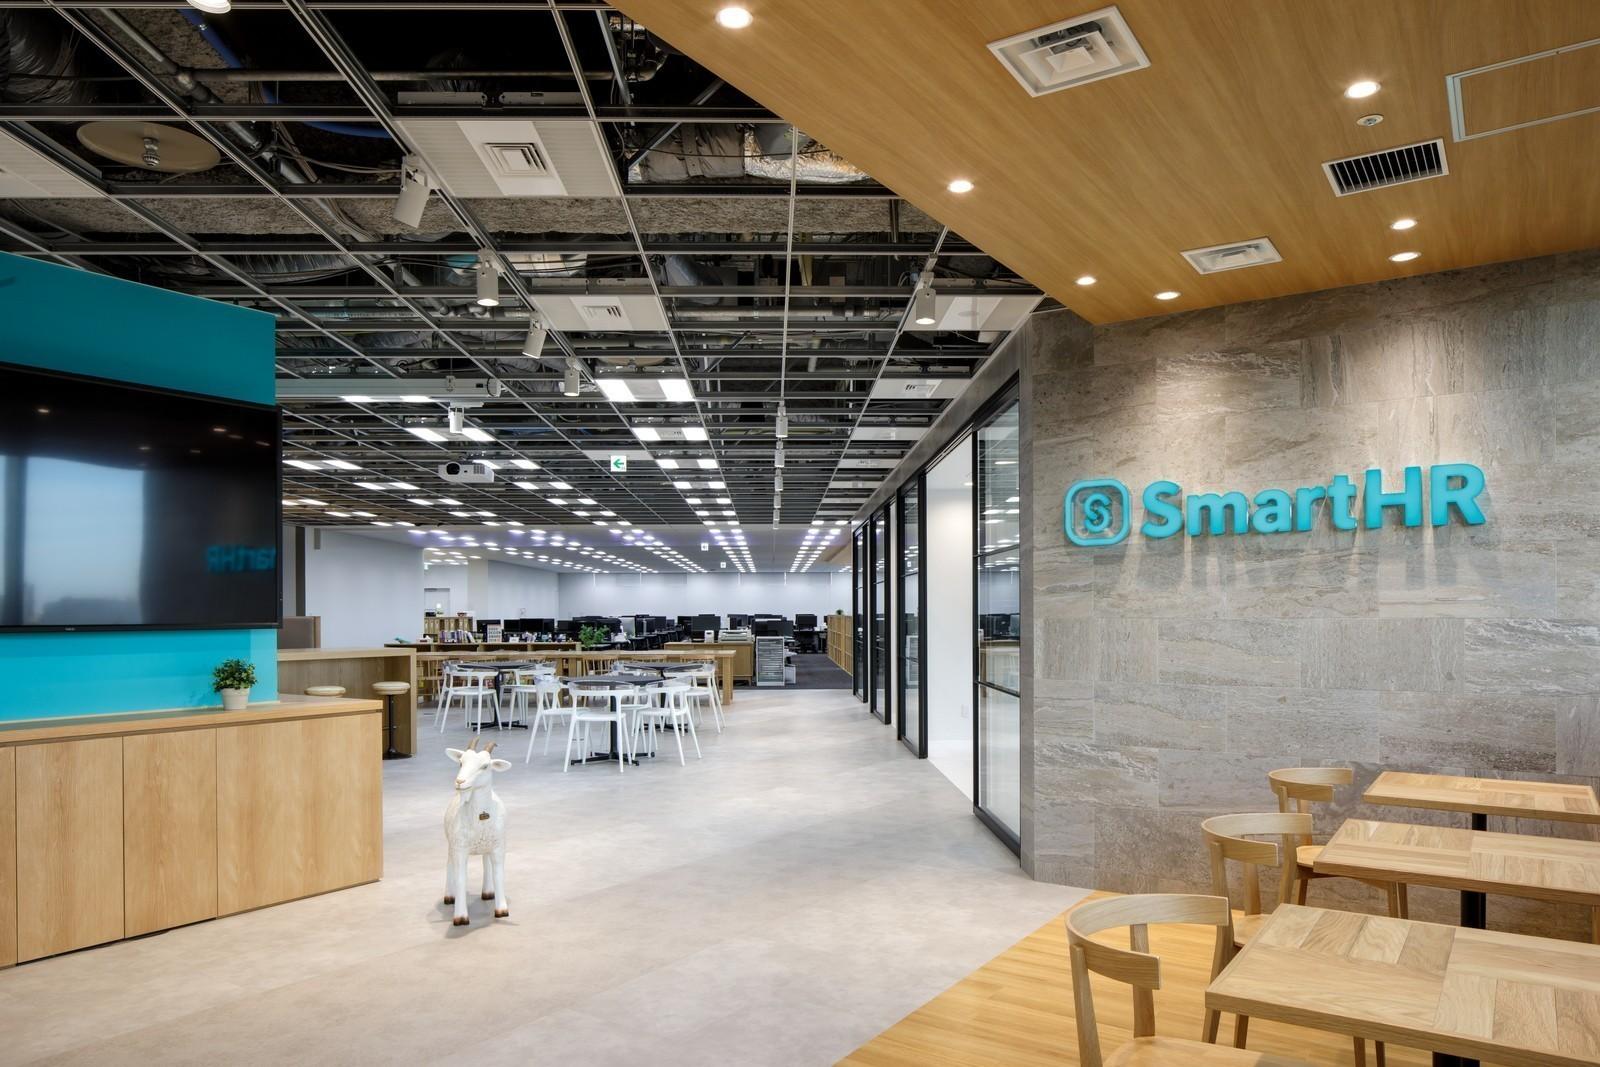 シェア No.1 クラウド人事労務ソフト「SmartHR」の開発グループをリードするエンジニアマネージャーを募集!